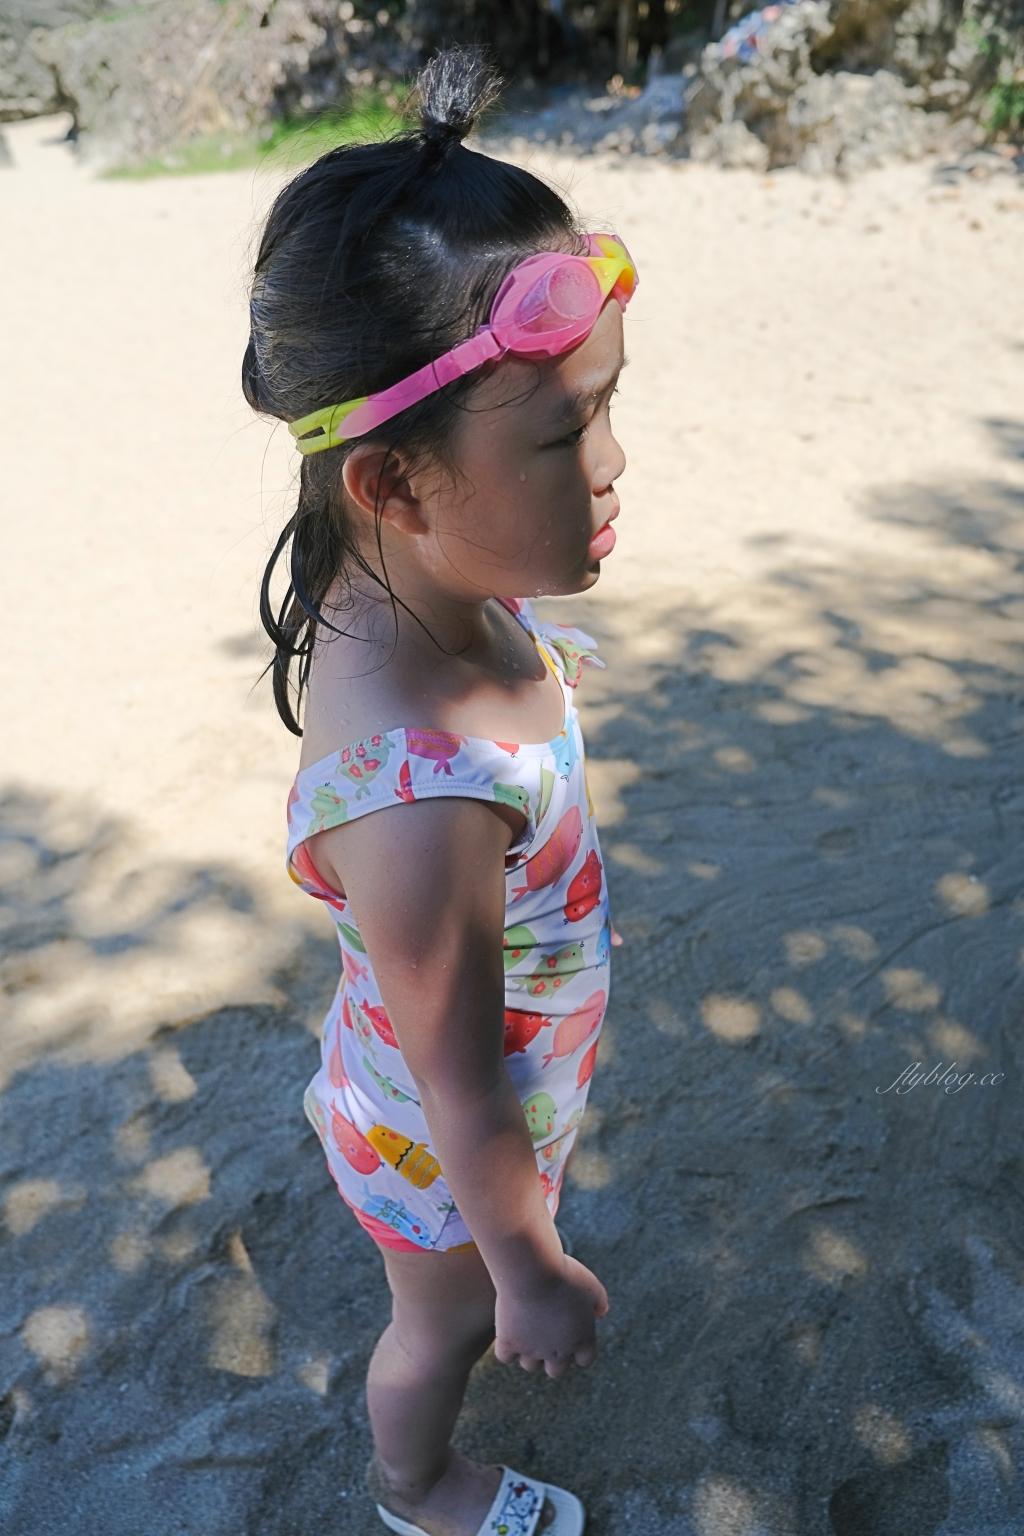 【屏東恆春】墾丁小灣沙灘:離墾丁大街最近的沙灘,可以參加香蕉船等戲水活動 @飛天璇的口袋